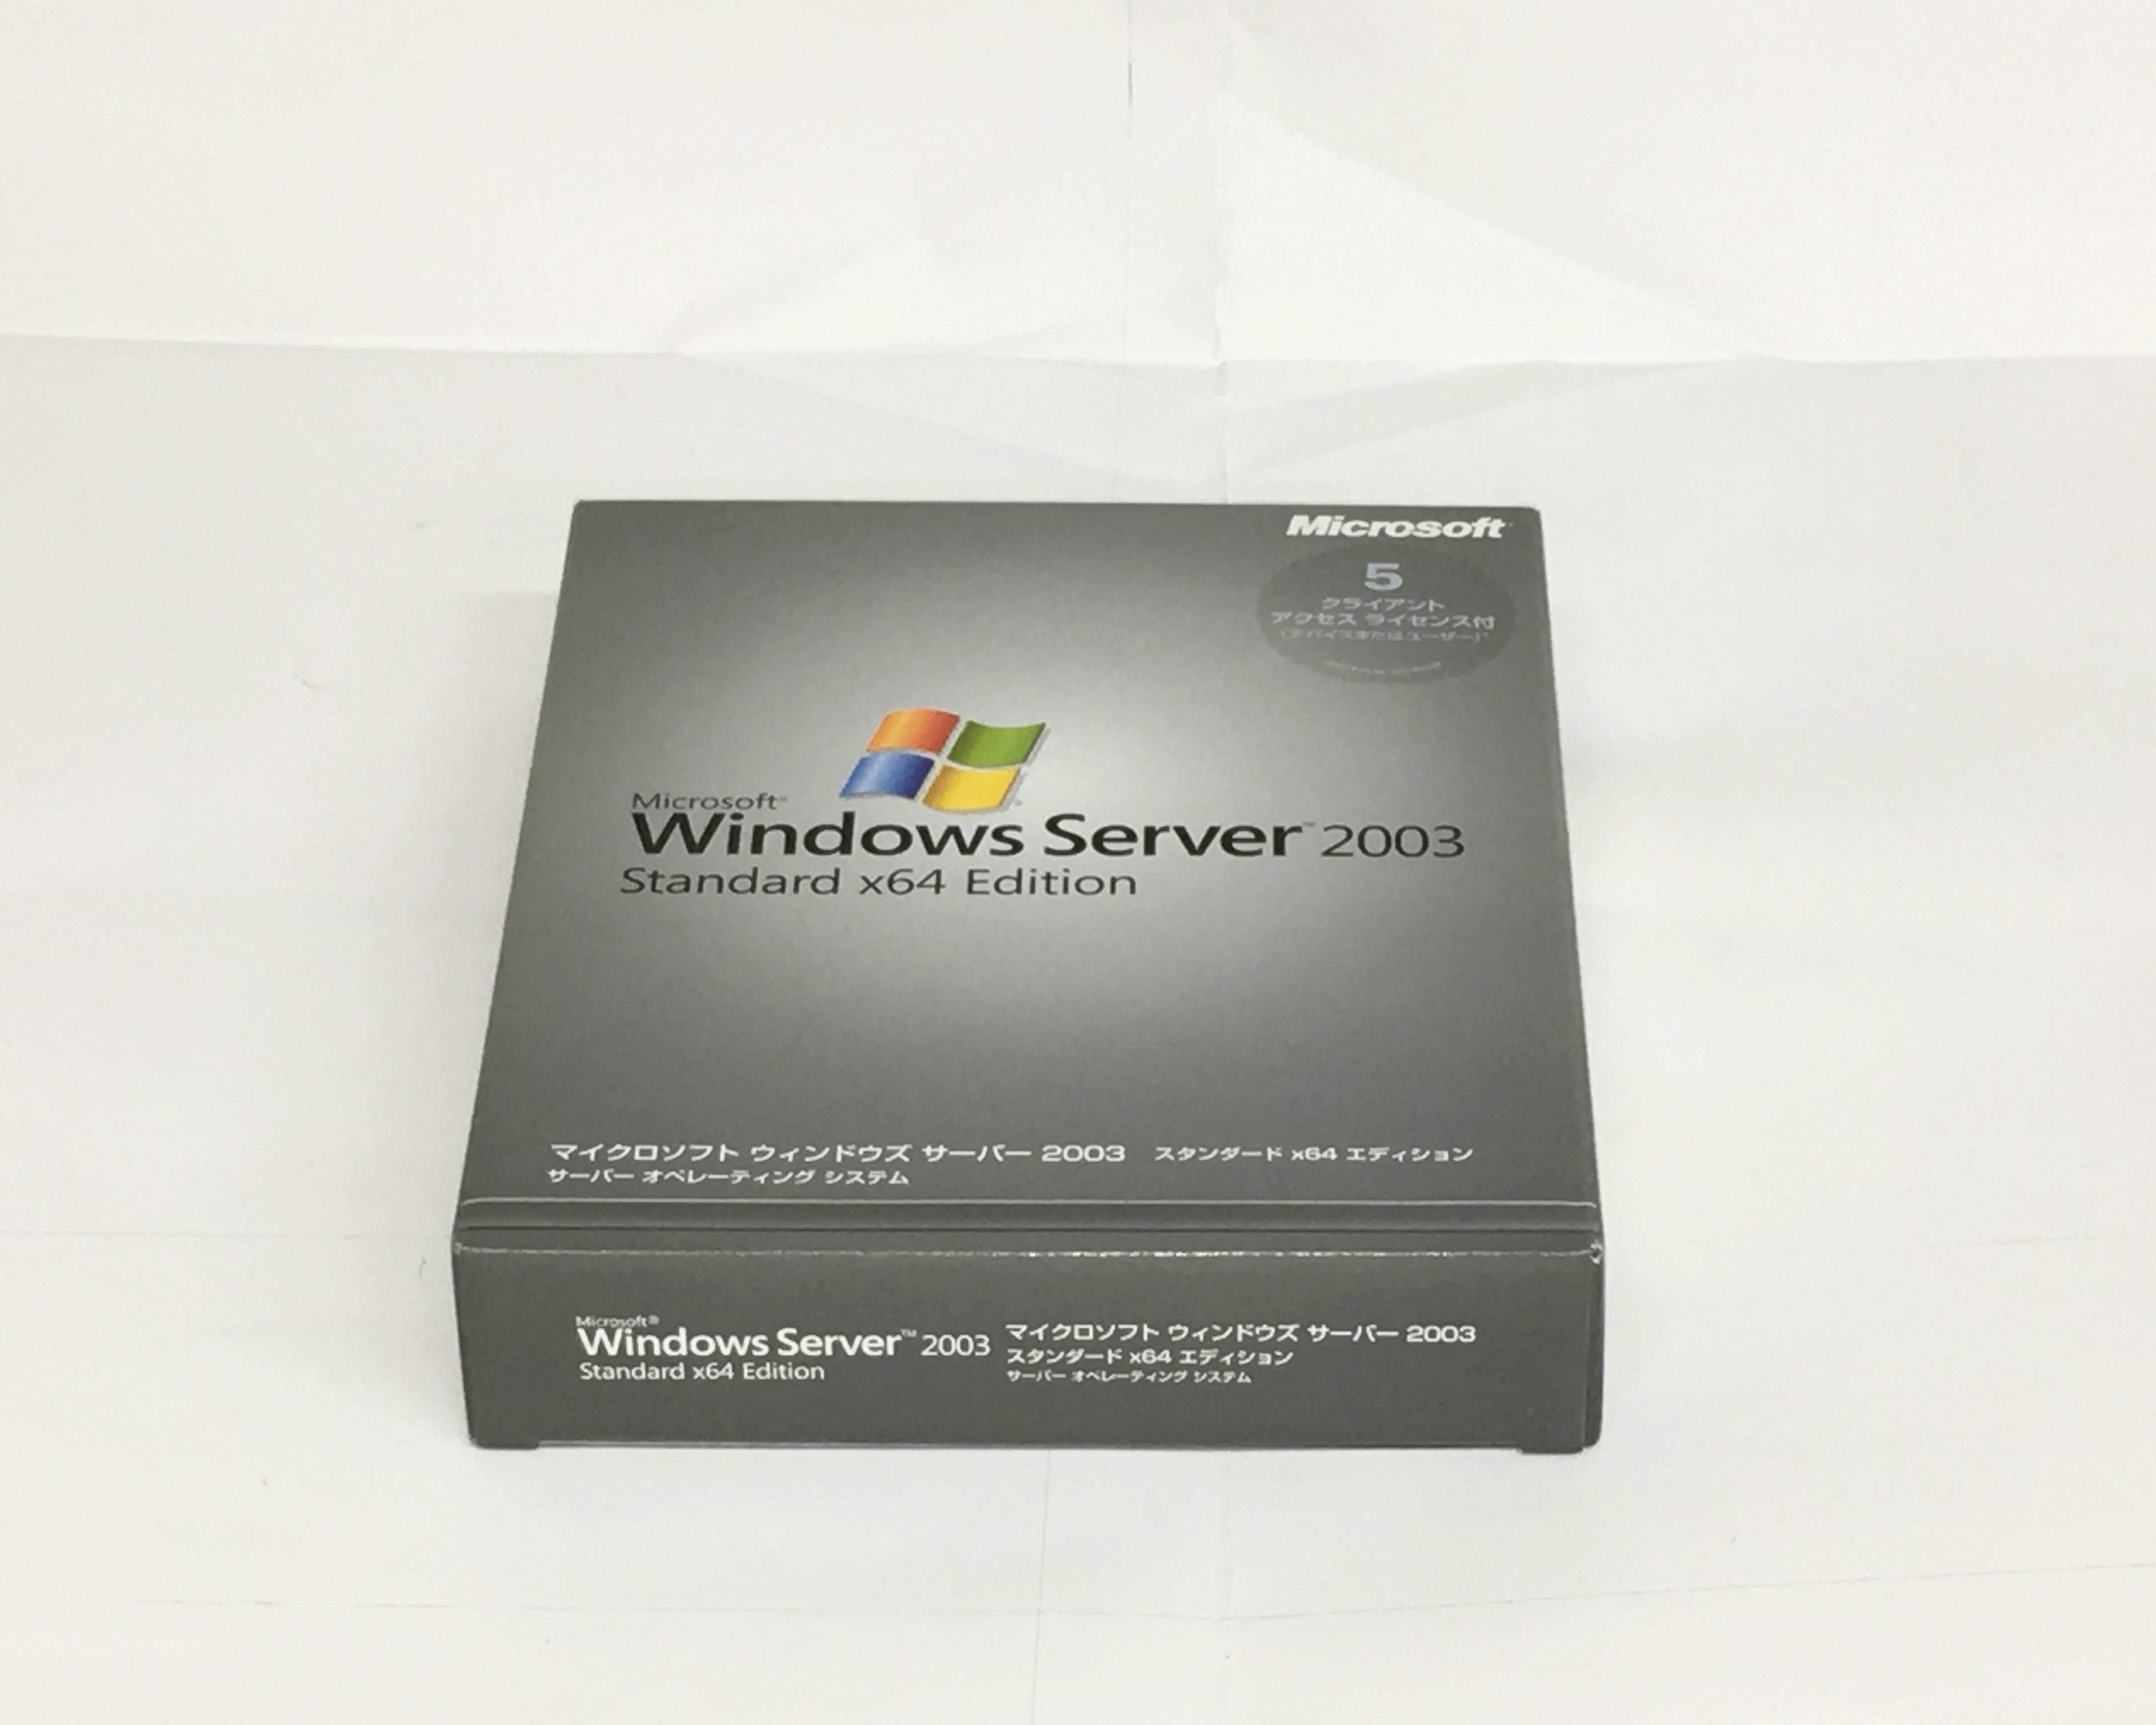 【中古品】Microsoft Windows Server 2003 Standard x64 メイン画像